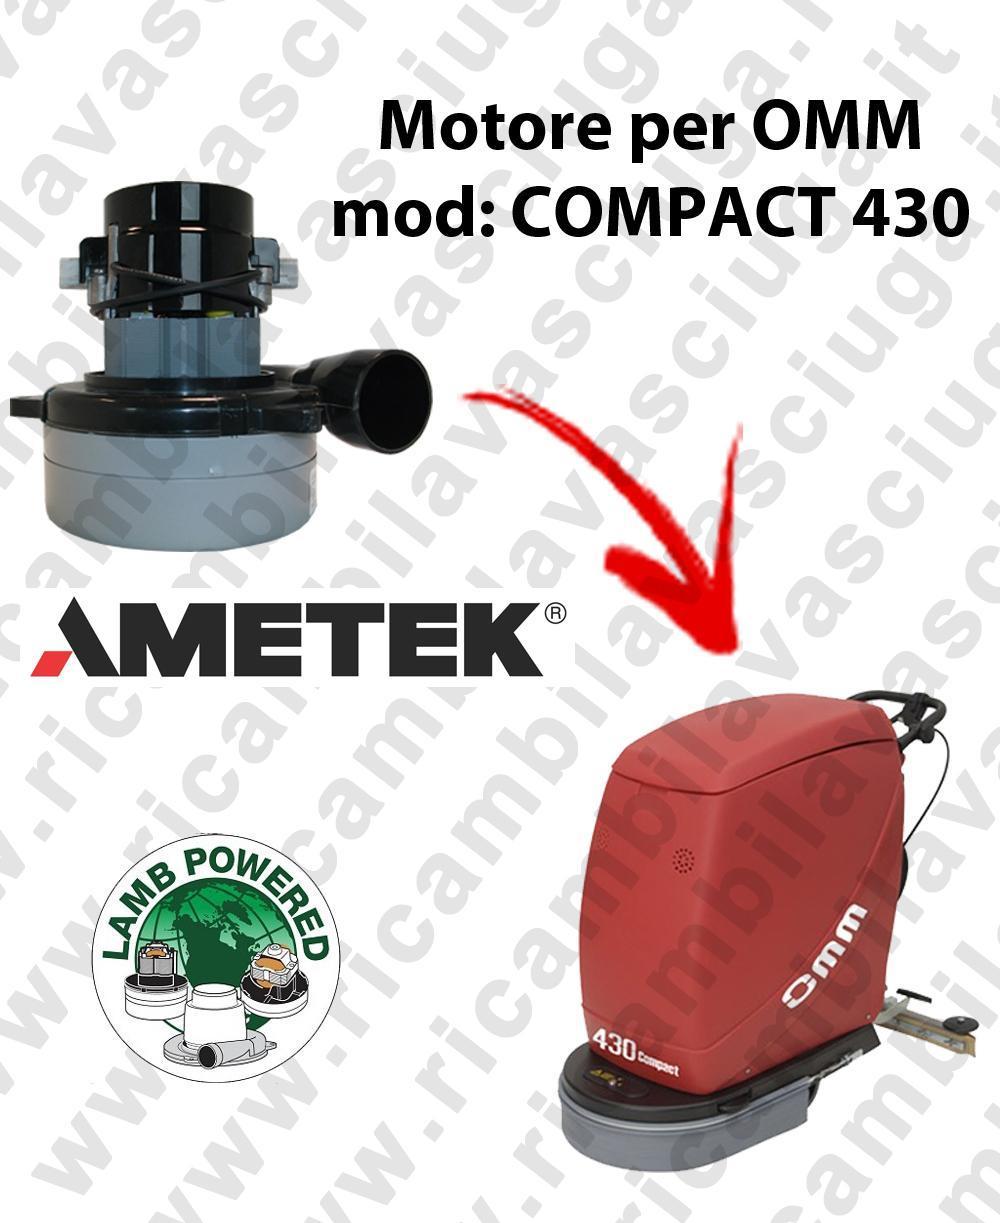 COMPACT 430 MOTEUR ASPIRATION LAMB AMATEK pour autolaveuses OMM